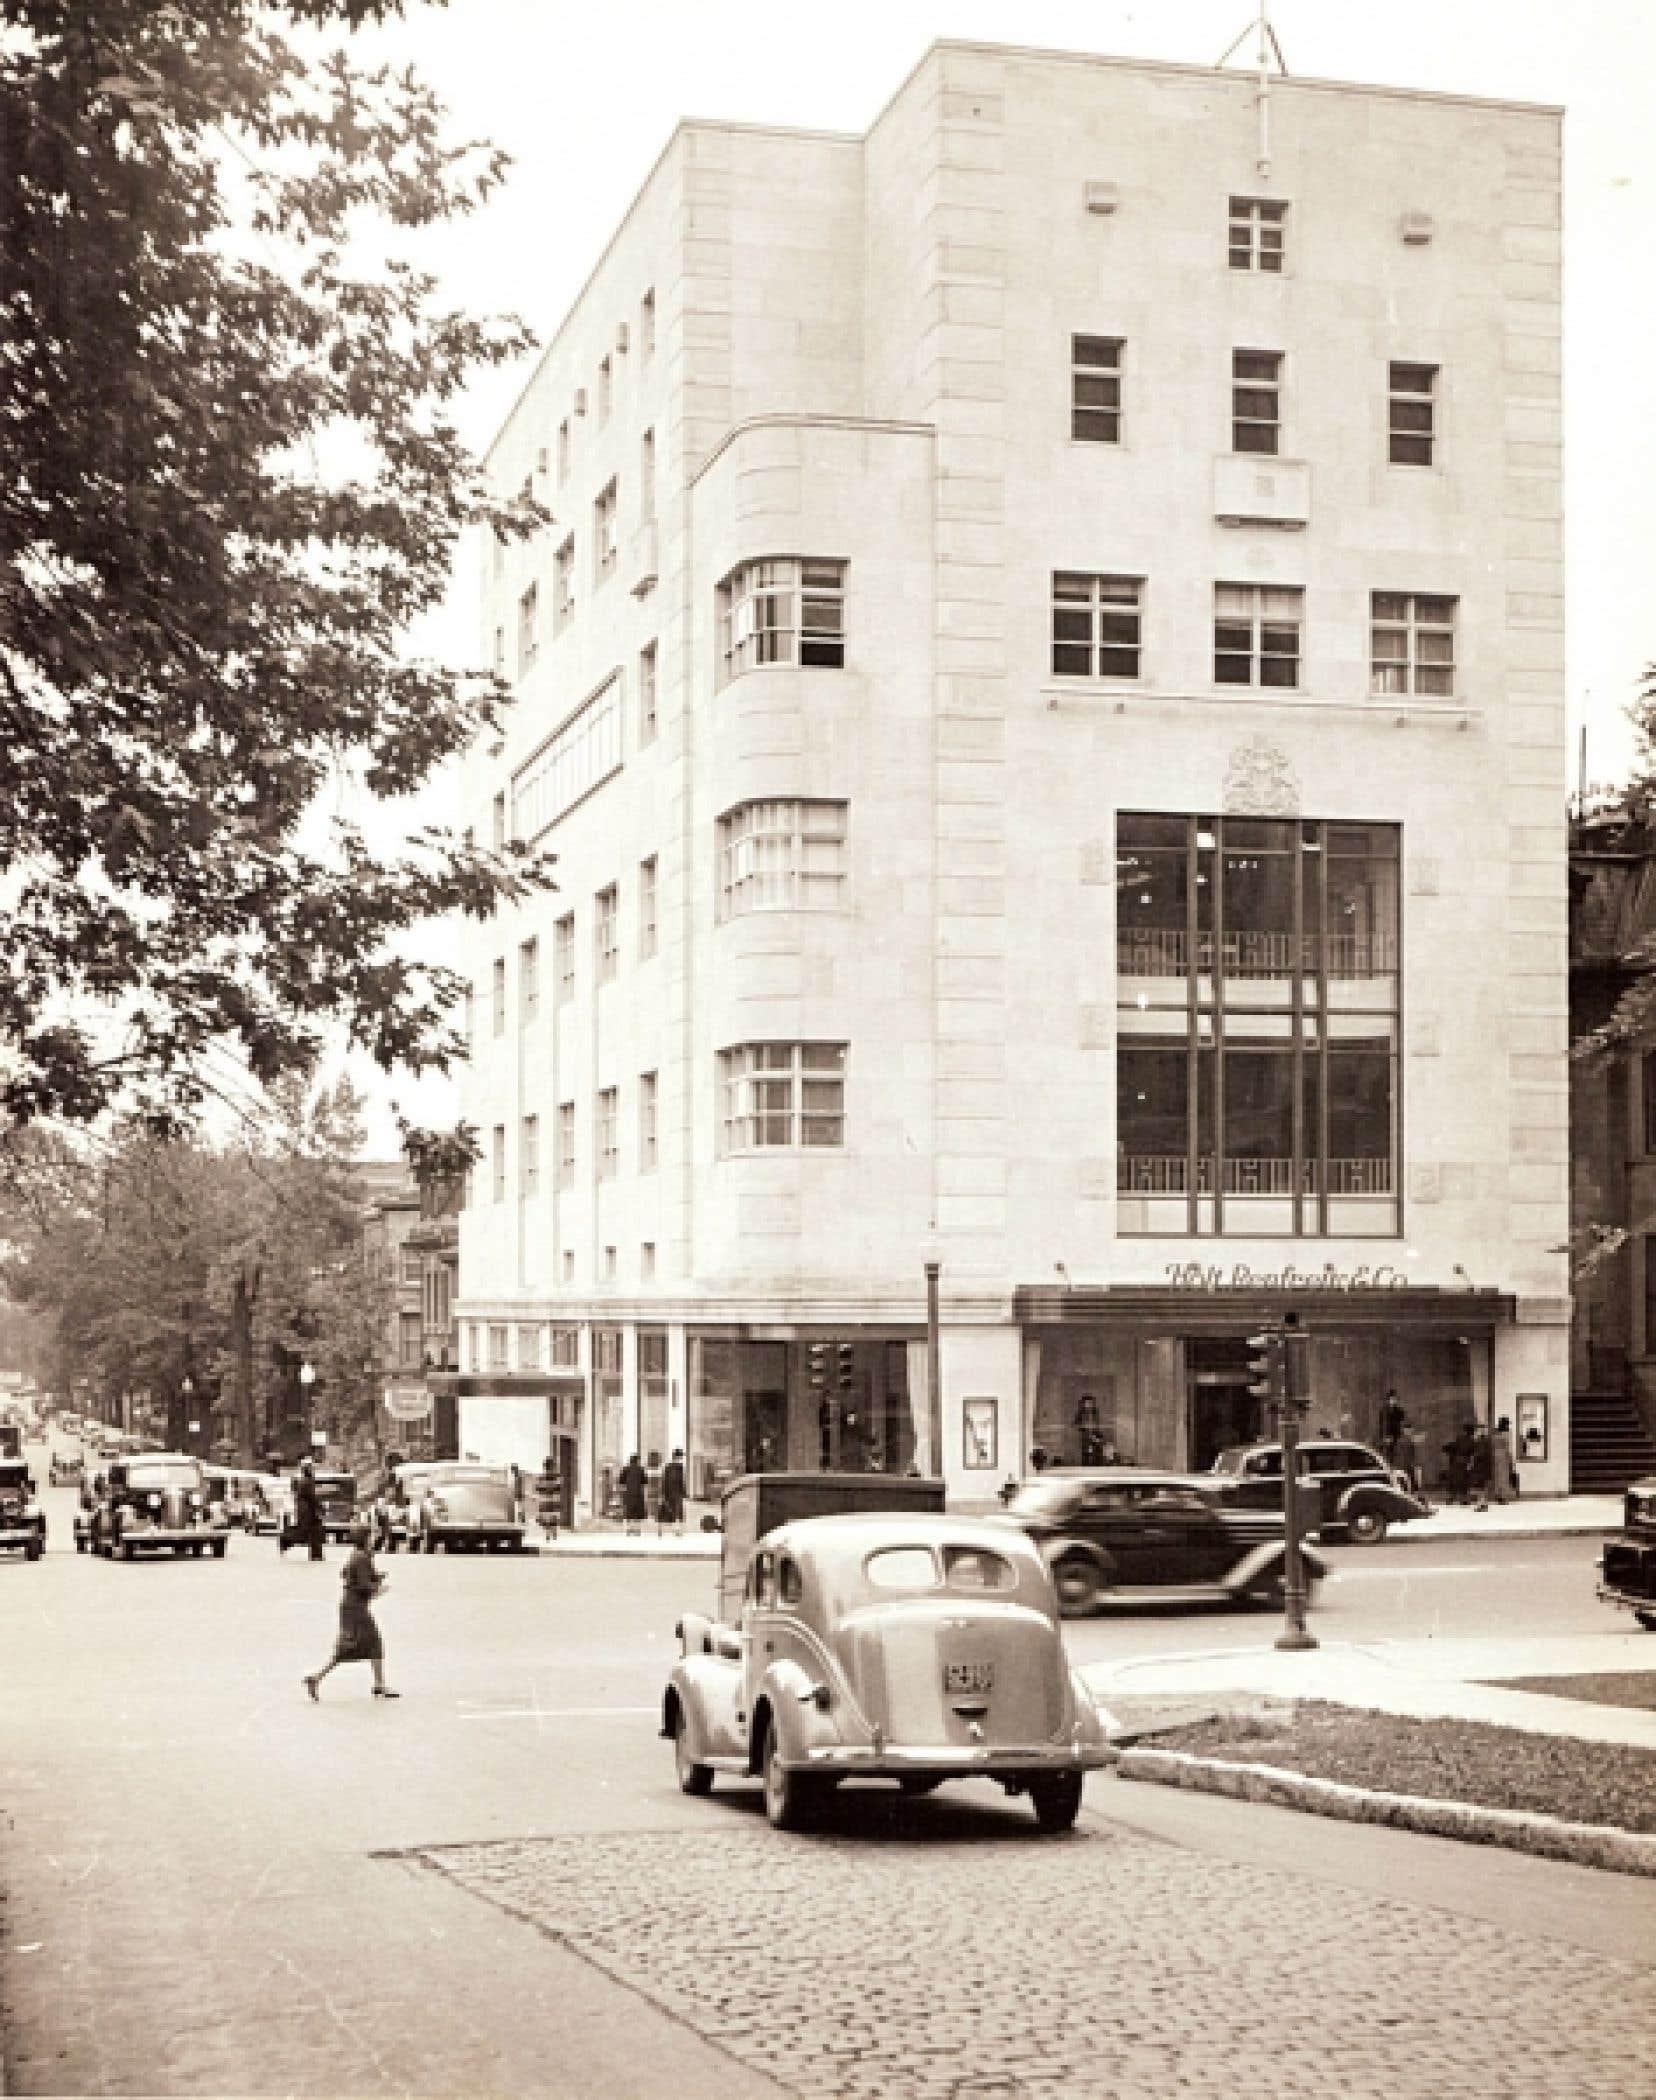 Le magasin Holt Renfrew de Montréal, à l'angle des rues De la Montagne et Sherbrooke, autour de 1937. À droite : la robe à basque Victoria, Alice + Olivia, de la collection spéciale Magenta créée exclusivement pour les 175 ans de la compagnie et qui sera disponible pour une durée limitée.